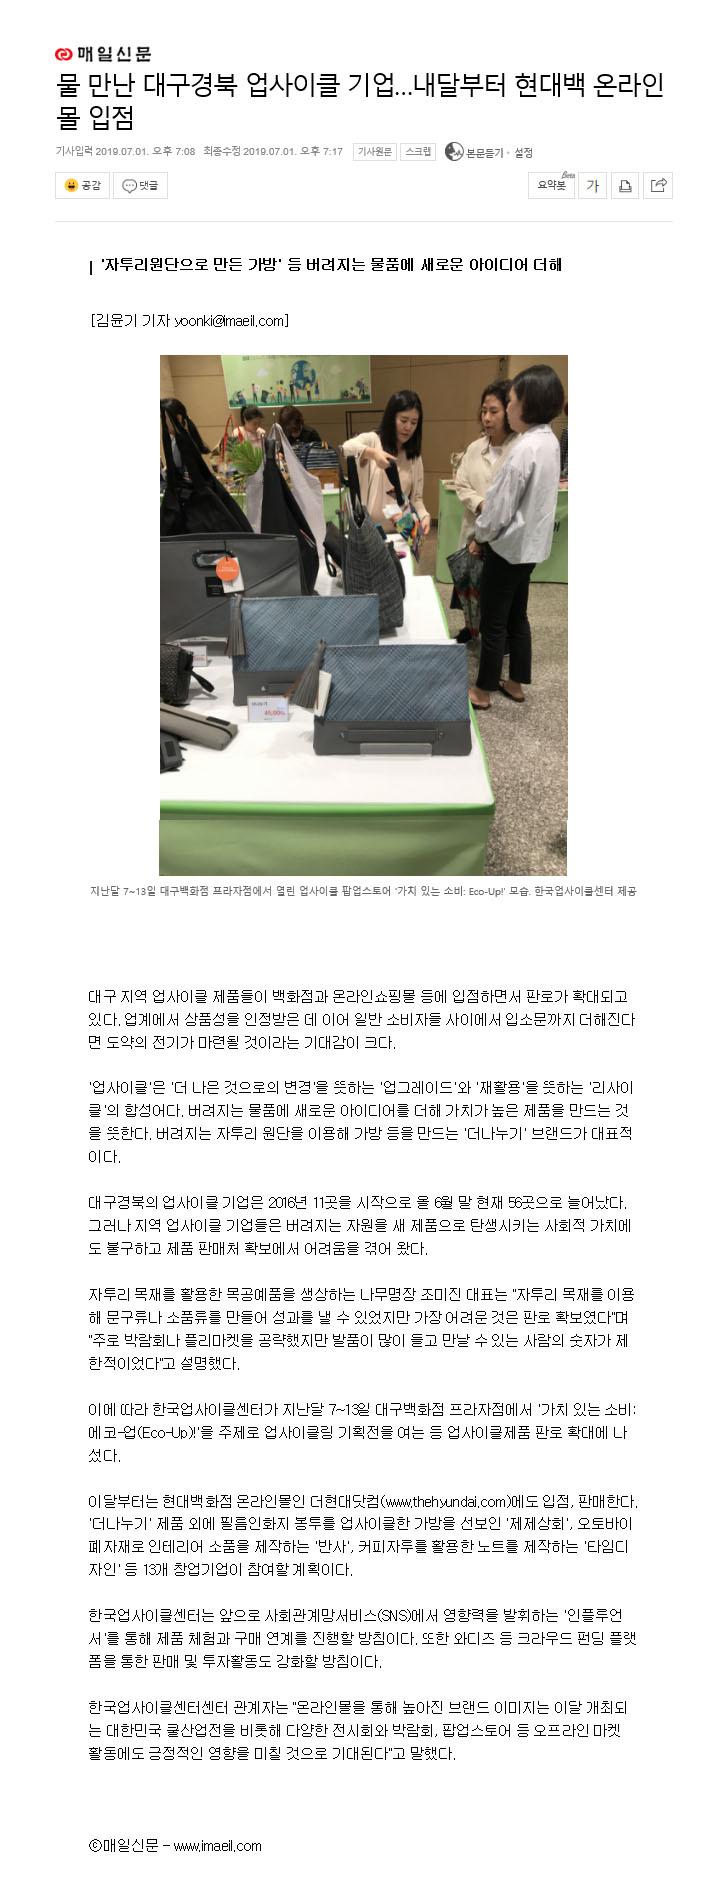 [매일신문]190701_물 만난 대구경북 업사이클 기업... 내달부터 현대백 온라인몰 입점.jpg